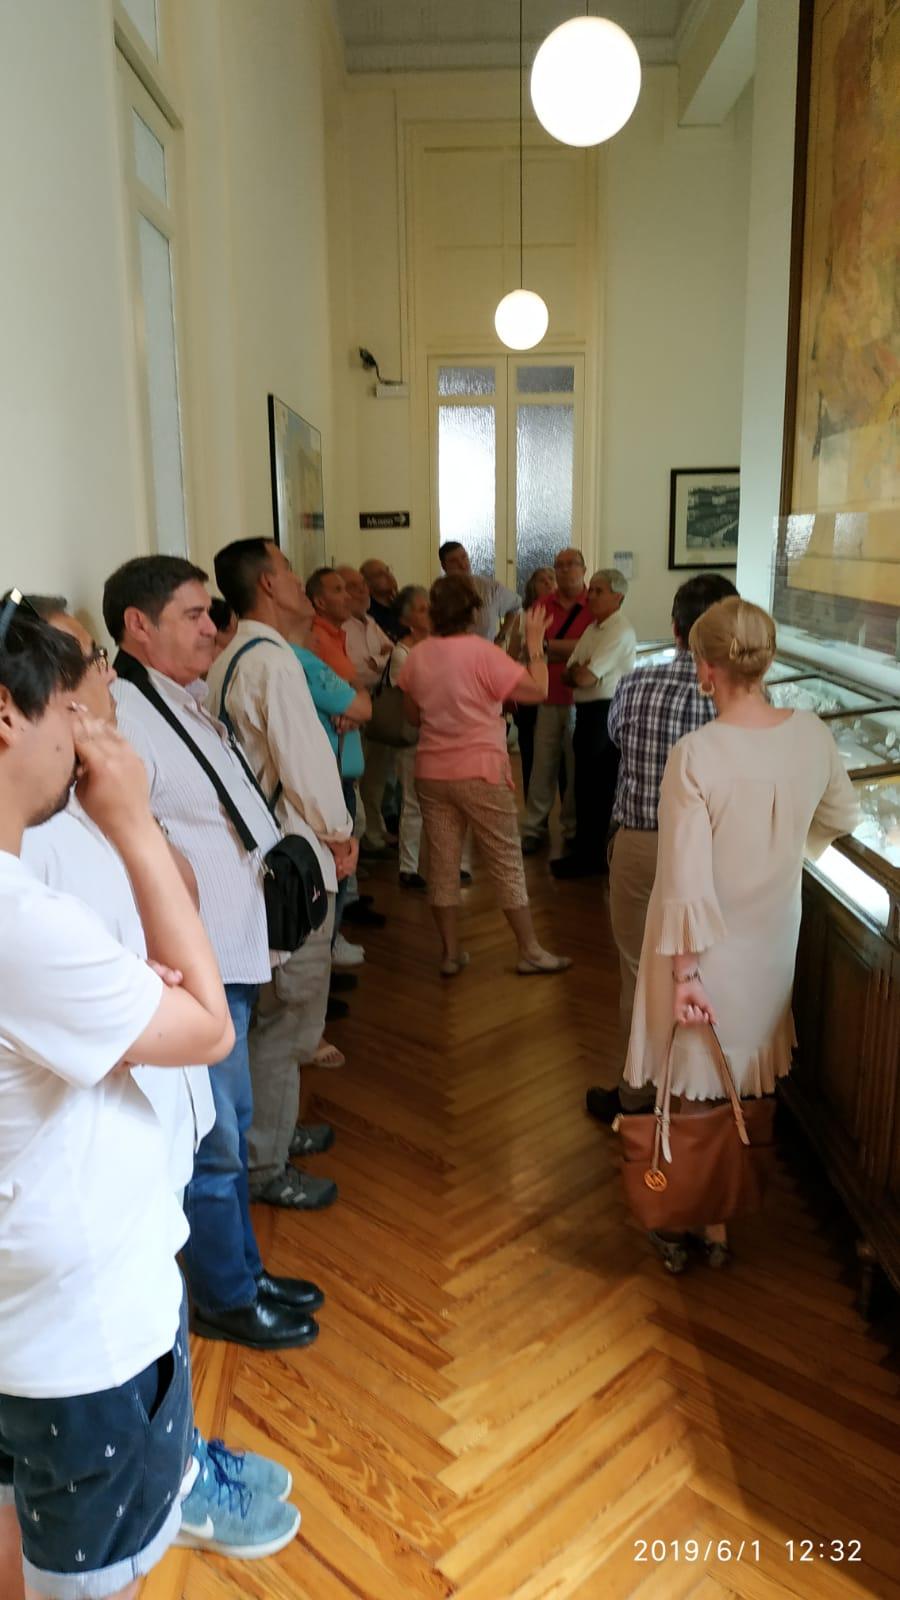 01-06-2019 Visita guiada al Museo Geominero 2019-021